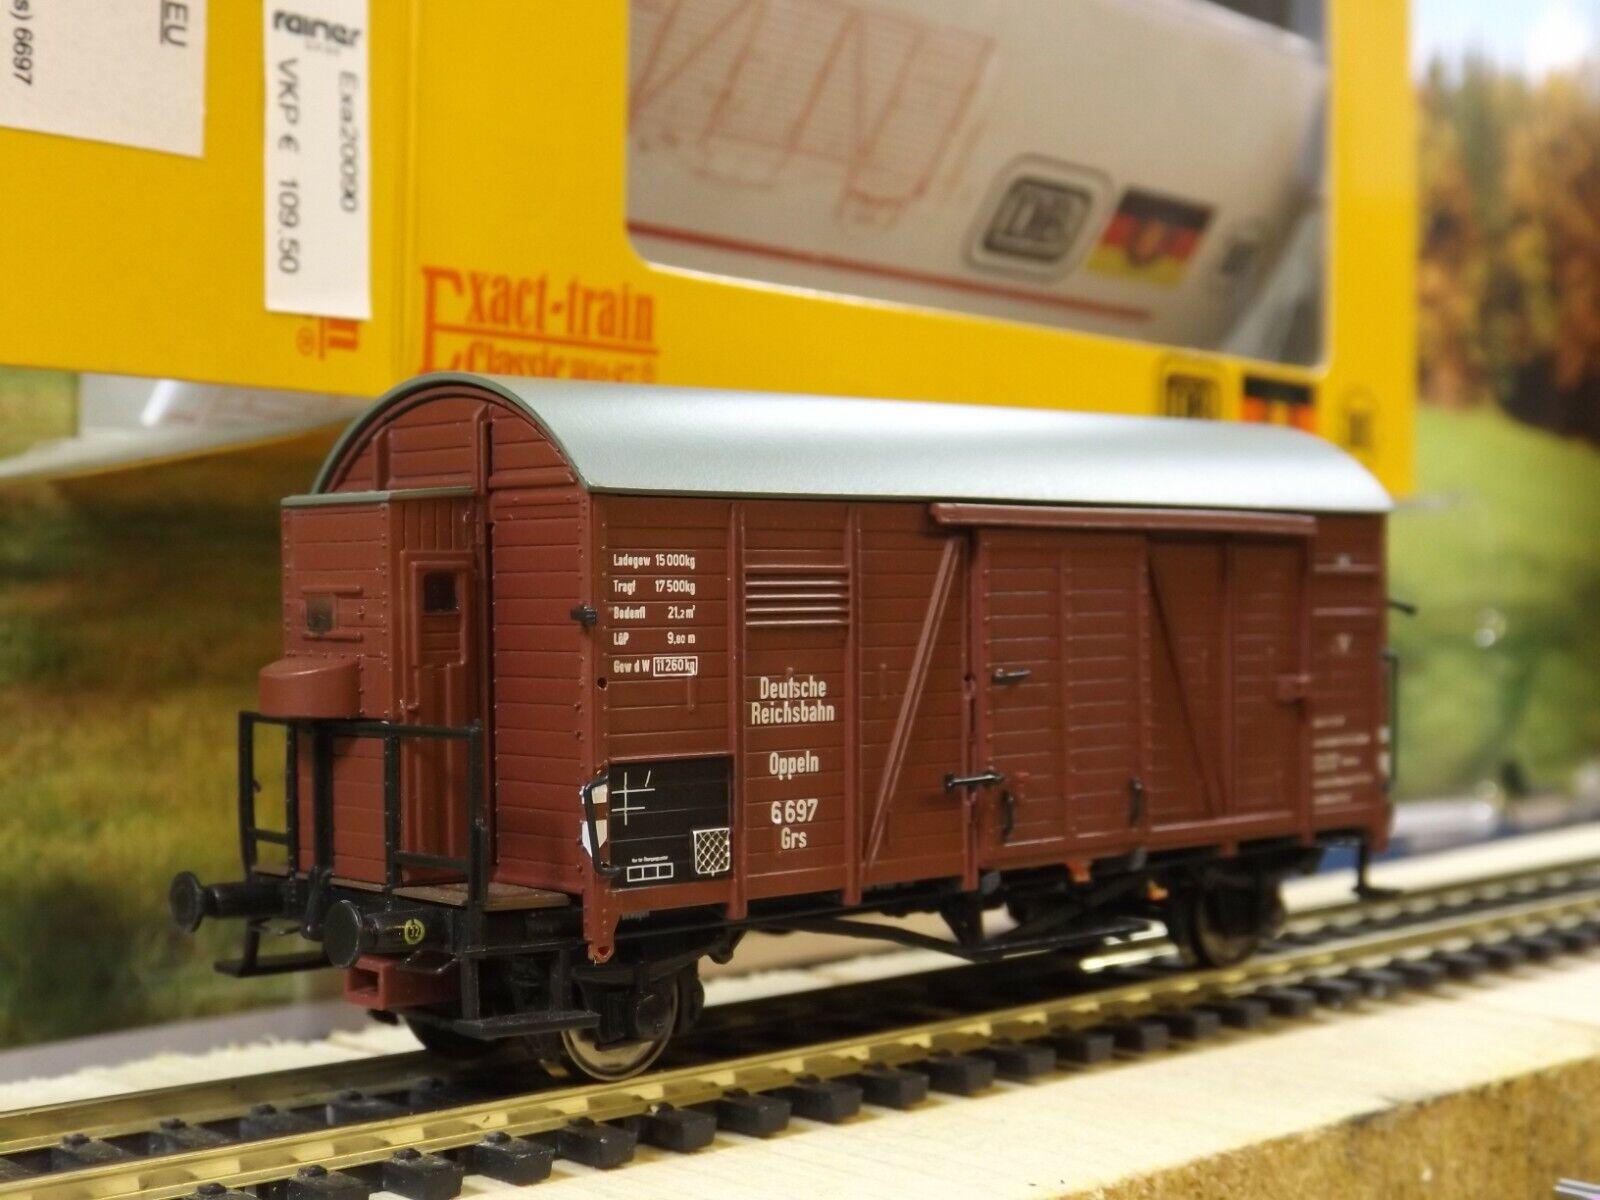 M184 Gedeckter Güterwagen mit Bh Oppeln Grs 6 697 DRG Exacttrain EX20090A